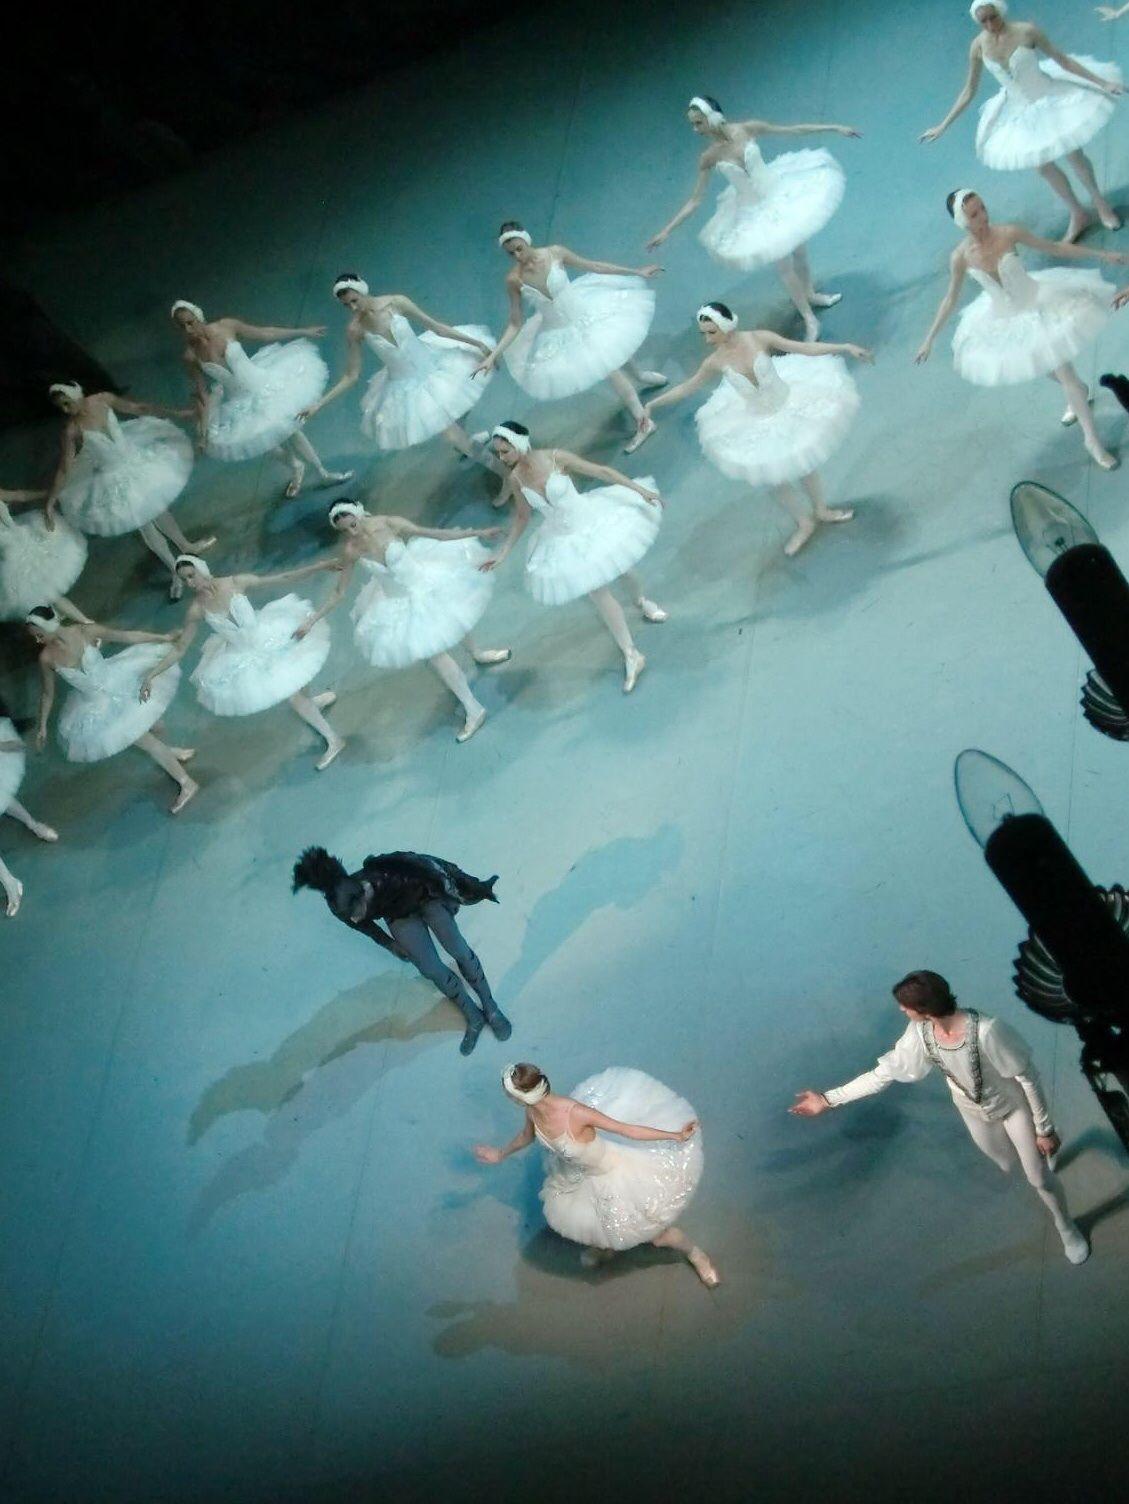 バレエの公演を楽しもう!